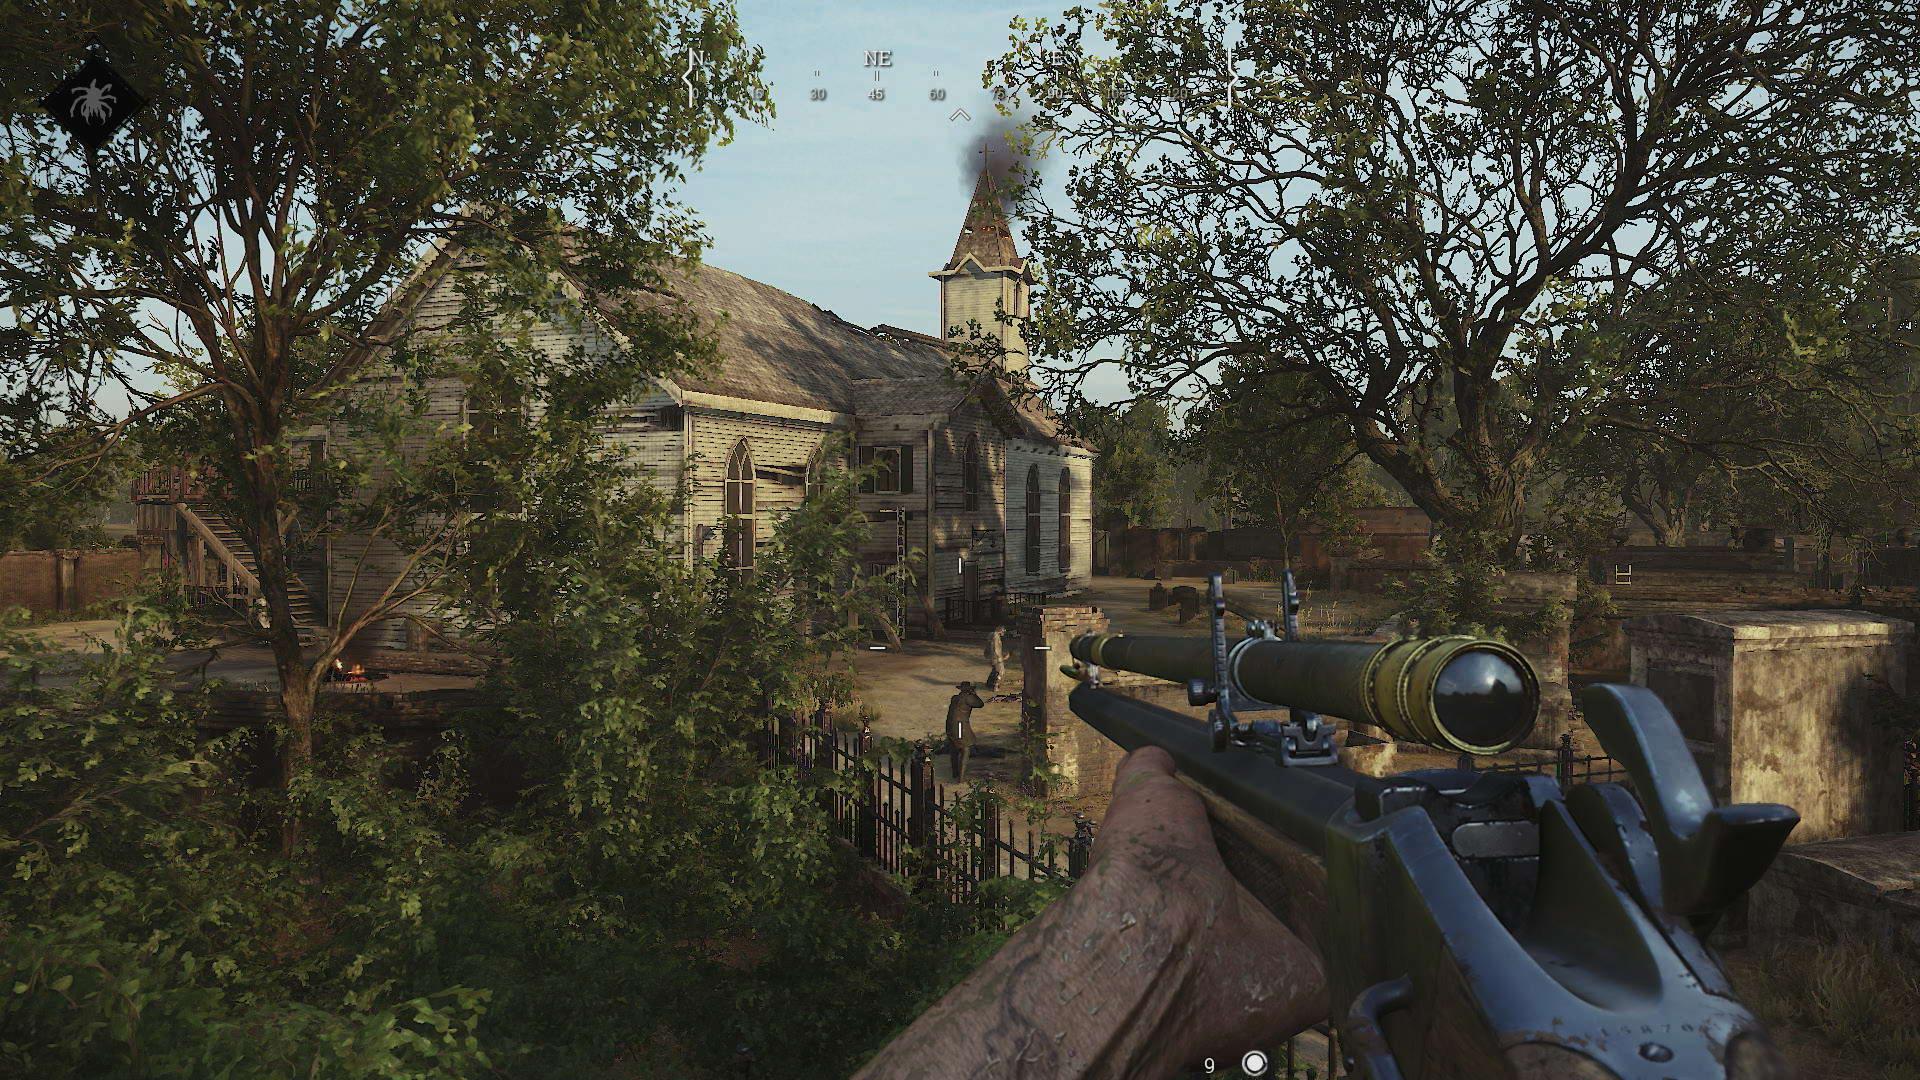 《猎杀:对决》暂停更新新内容 全力解决游戏优化问题